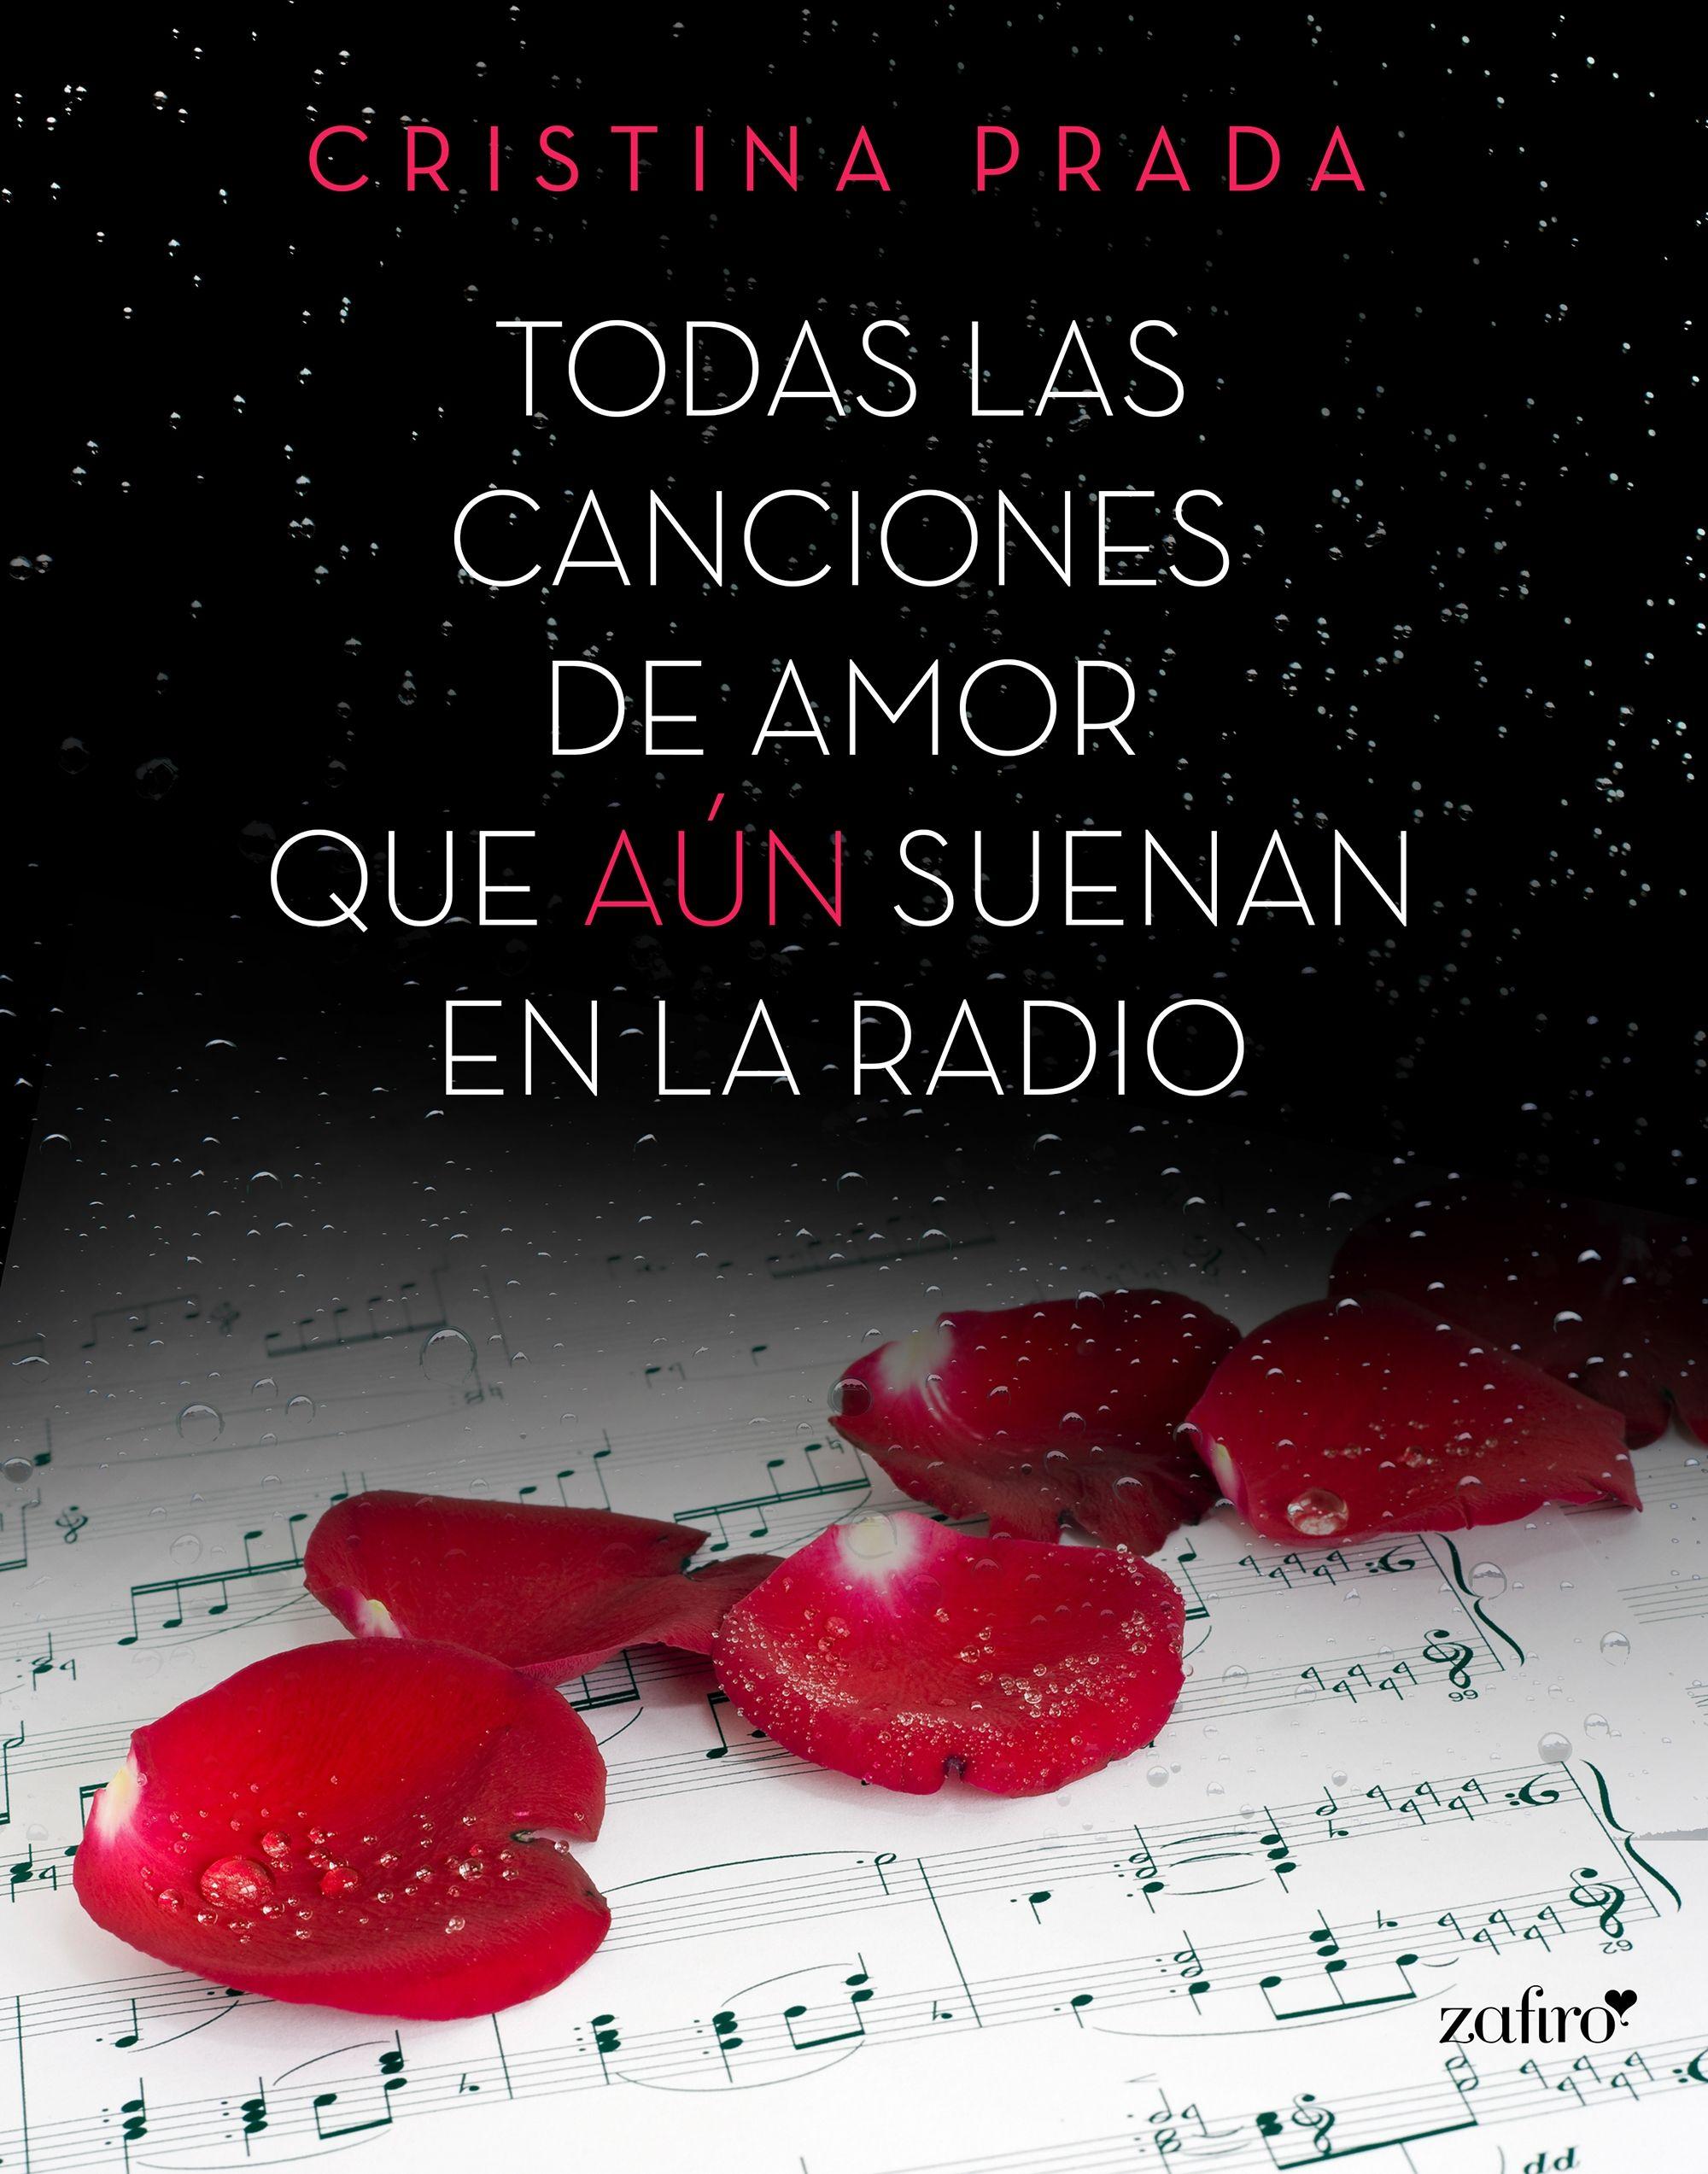 Prada - Todas las canciones de amor que aún suenan en la radio - Todas las canciones de amor 02 , Cristina Prada (rom) Portada_todas-las-canciones-de-amor-que-aun-suenan-en-la-radio_cristina-prada_201412021824